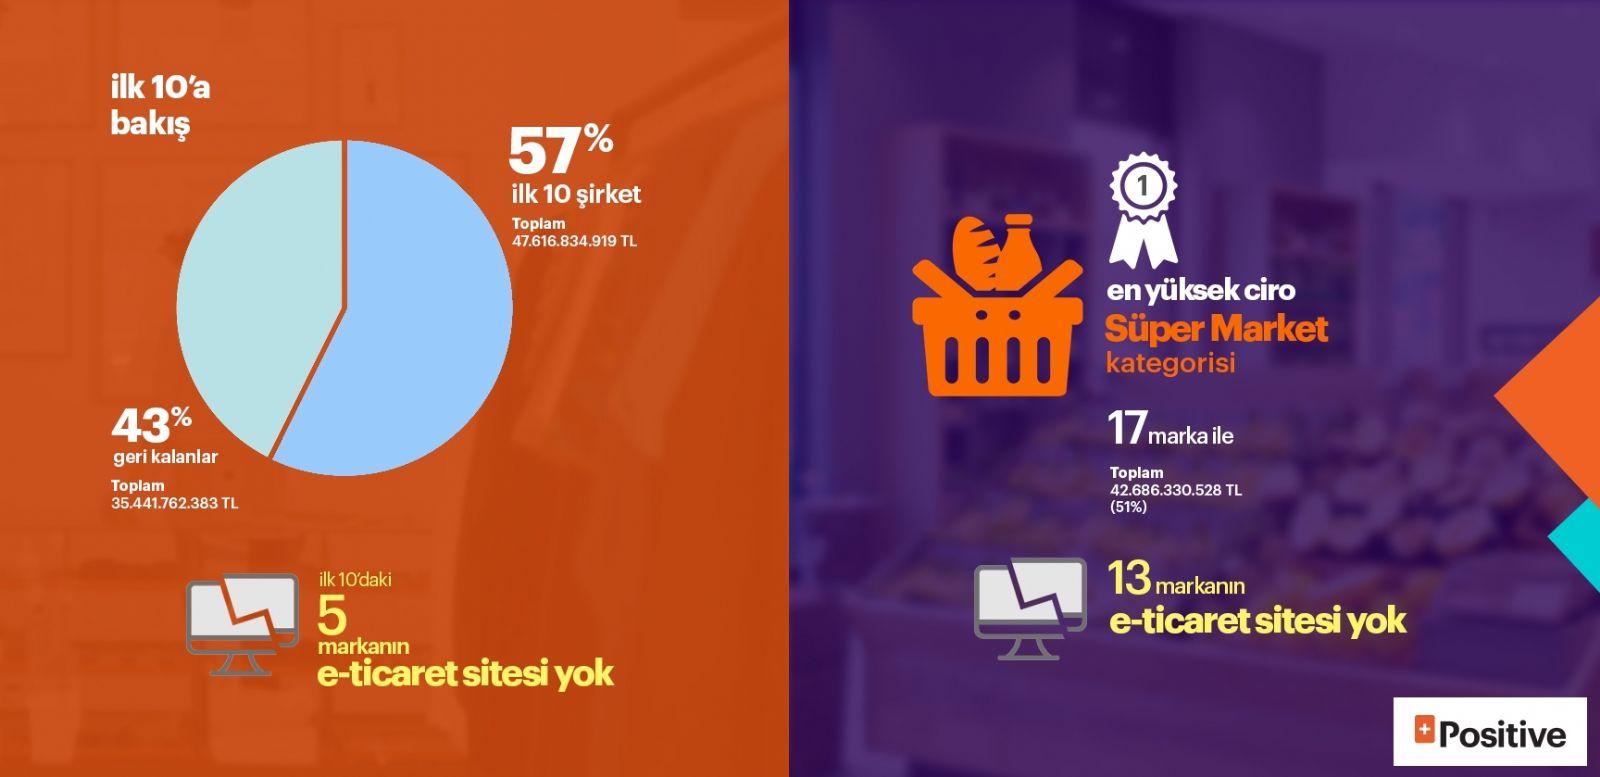 E-Ticaret'te 2017 Hedefi 50 Milyar Türk Lirası!